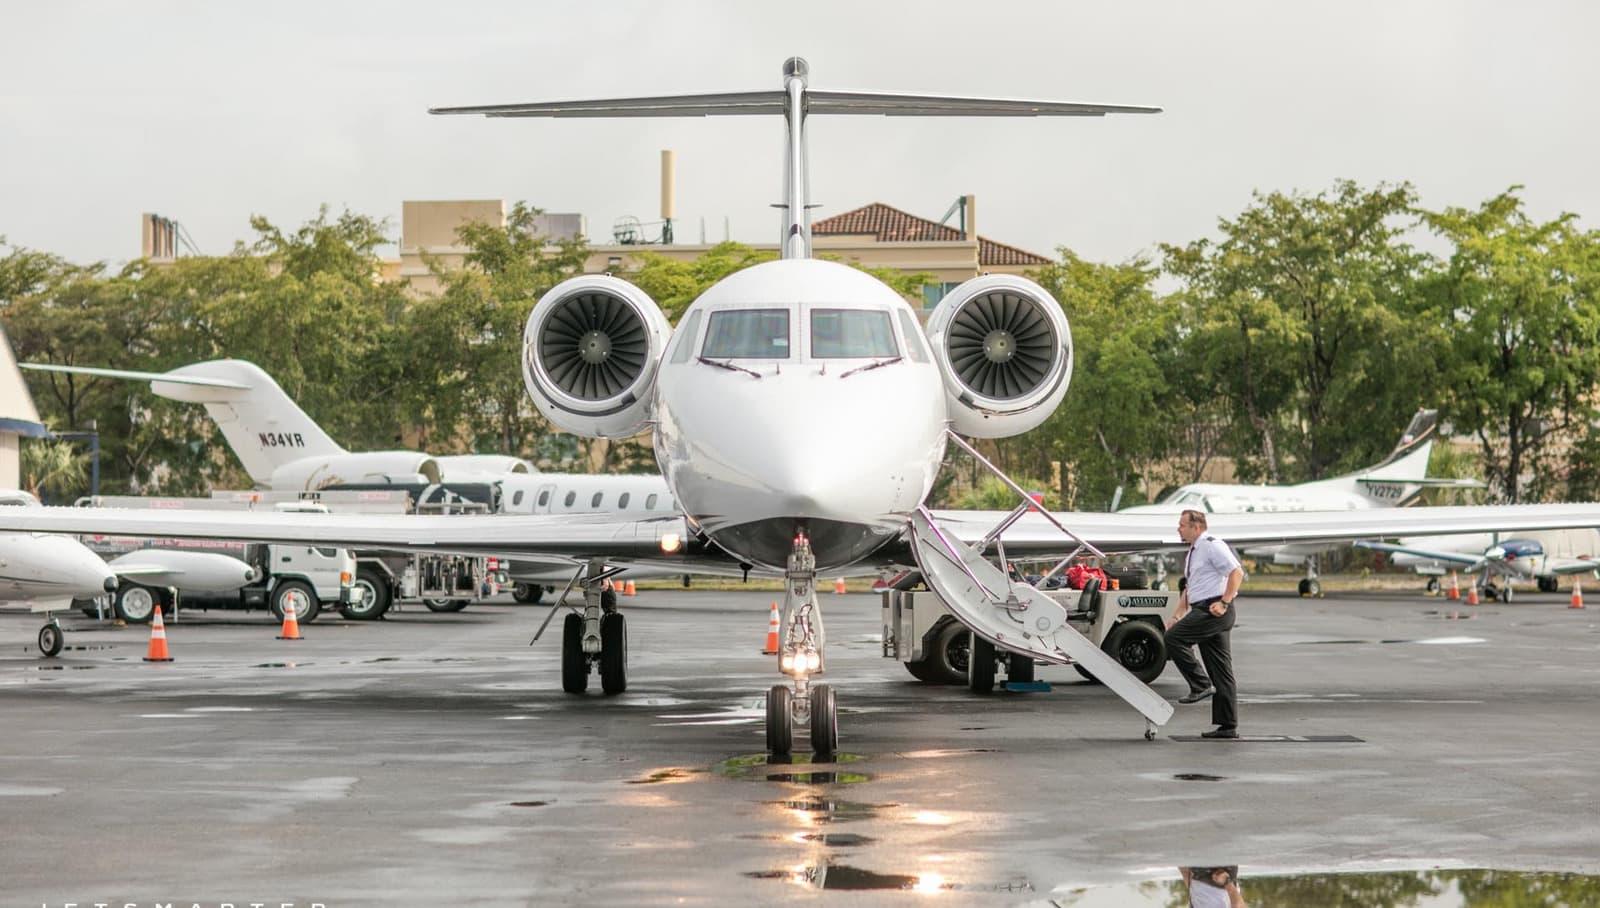 ¡Viaja como una celebridad! JetSmarter lanza su nueva ruta Nueva York-Londres en jets privados de lujo